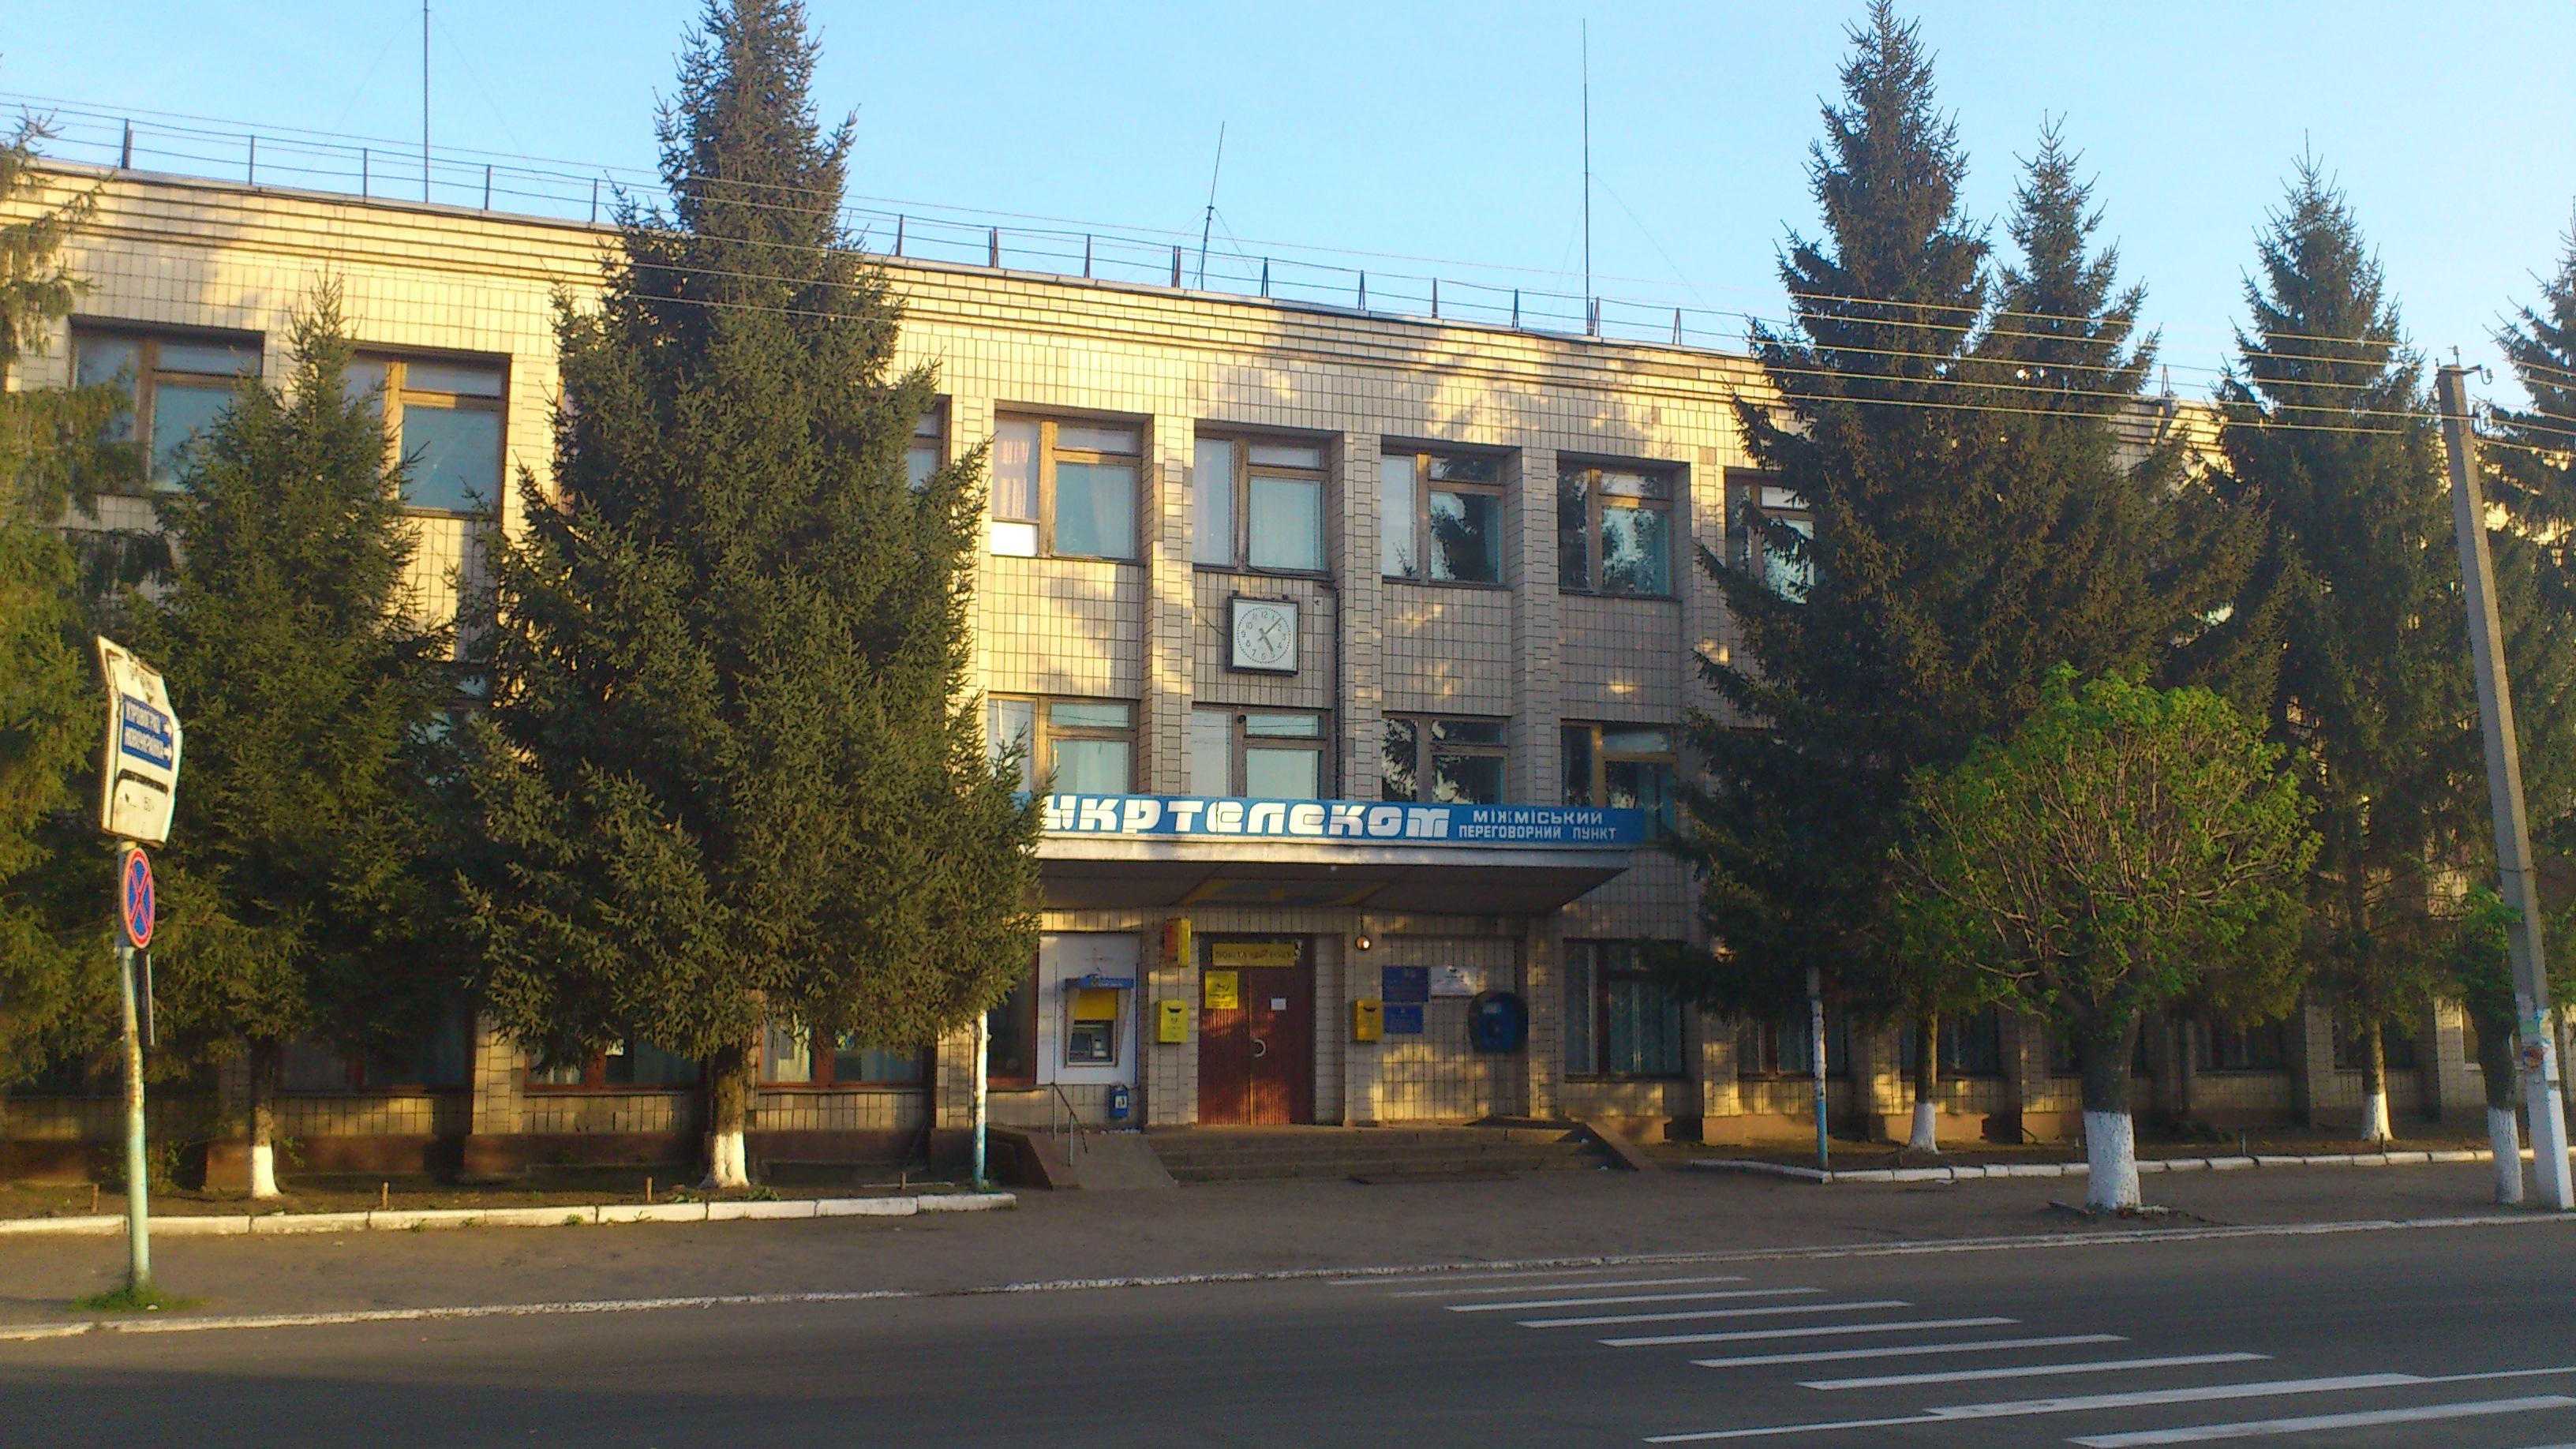 Nowoarchanhelśk